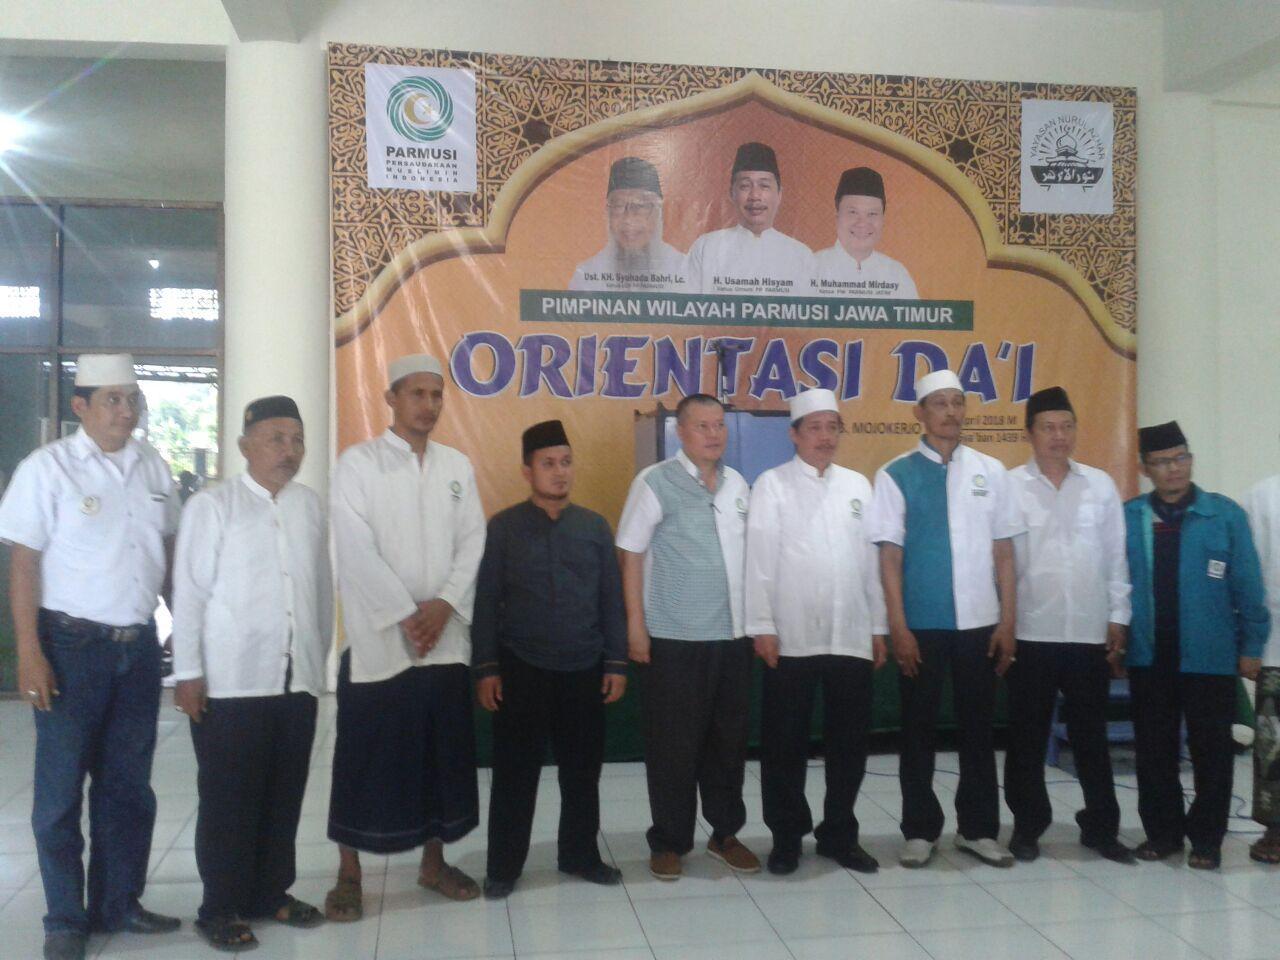 PW PARMUSI Jawa Timur Gelar Orientasi DA'I.